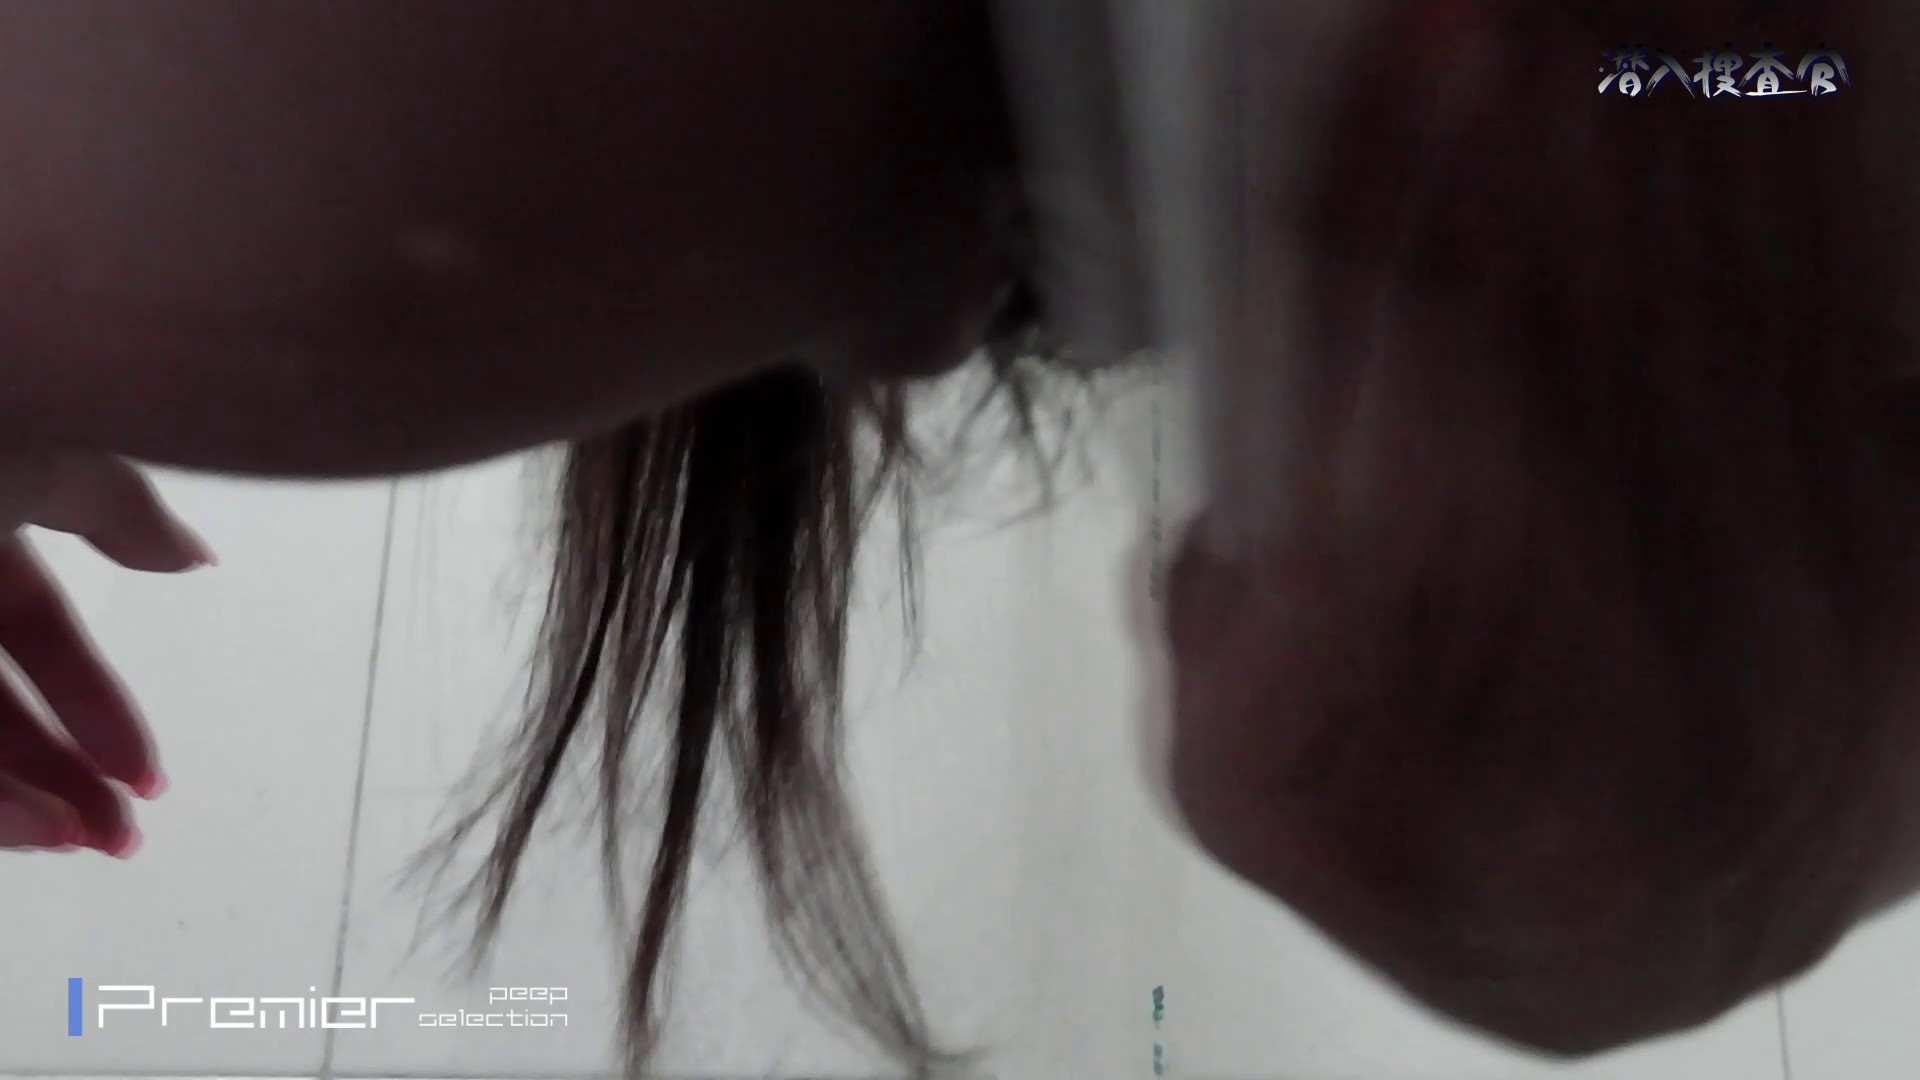 下からノゾム vol.041 携帯に夢中、後ろに居るカメラはやりたい放題! うんこ ぱこり動画紹介 71連発 71